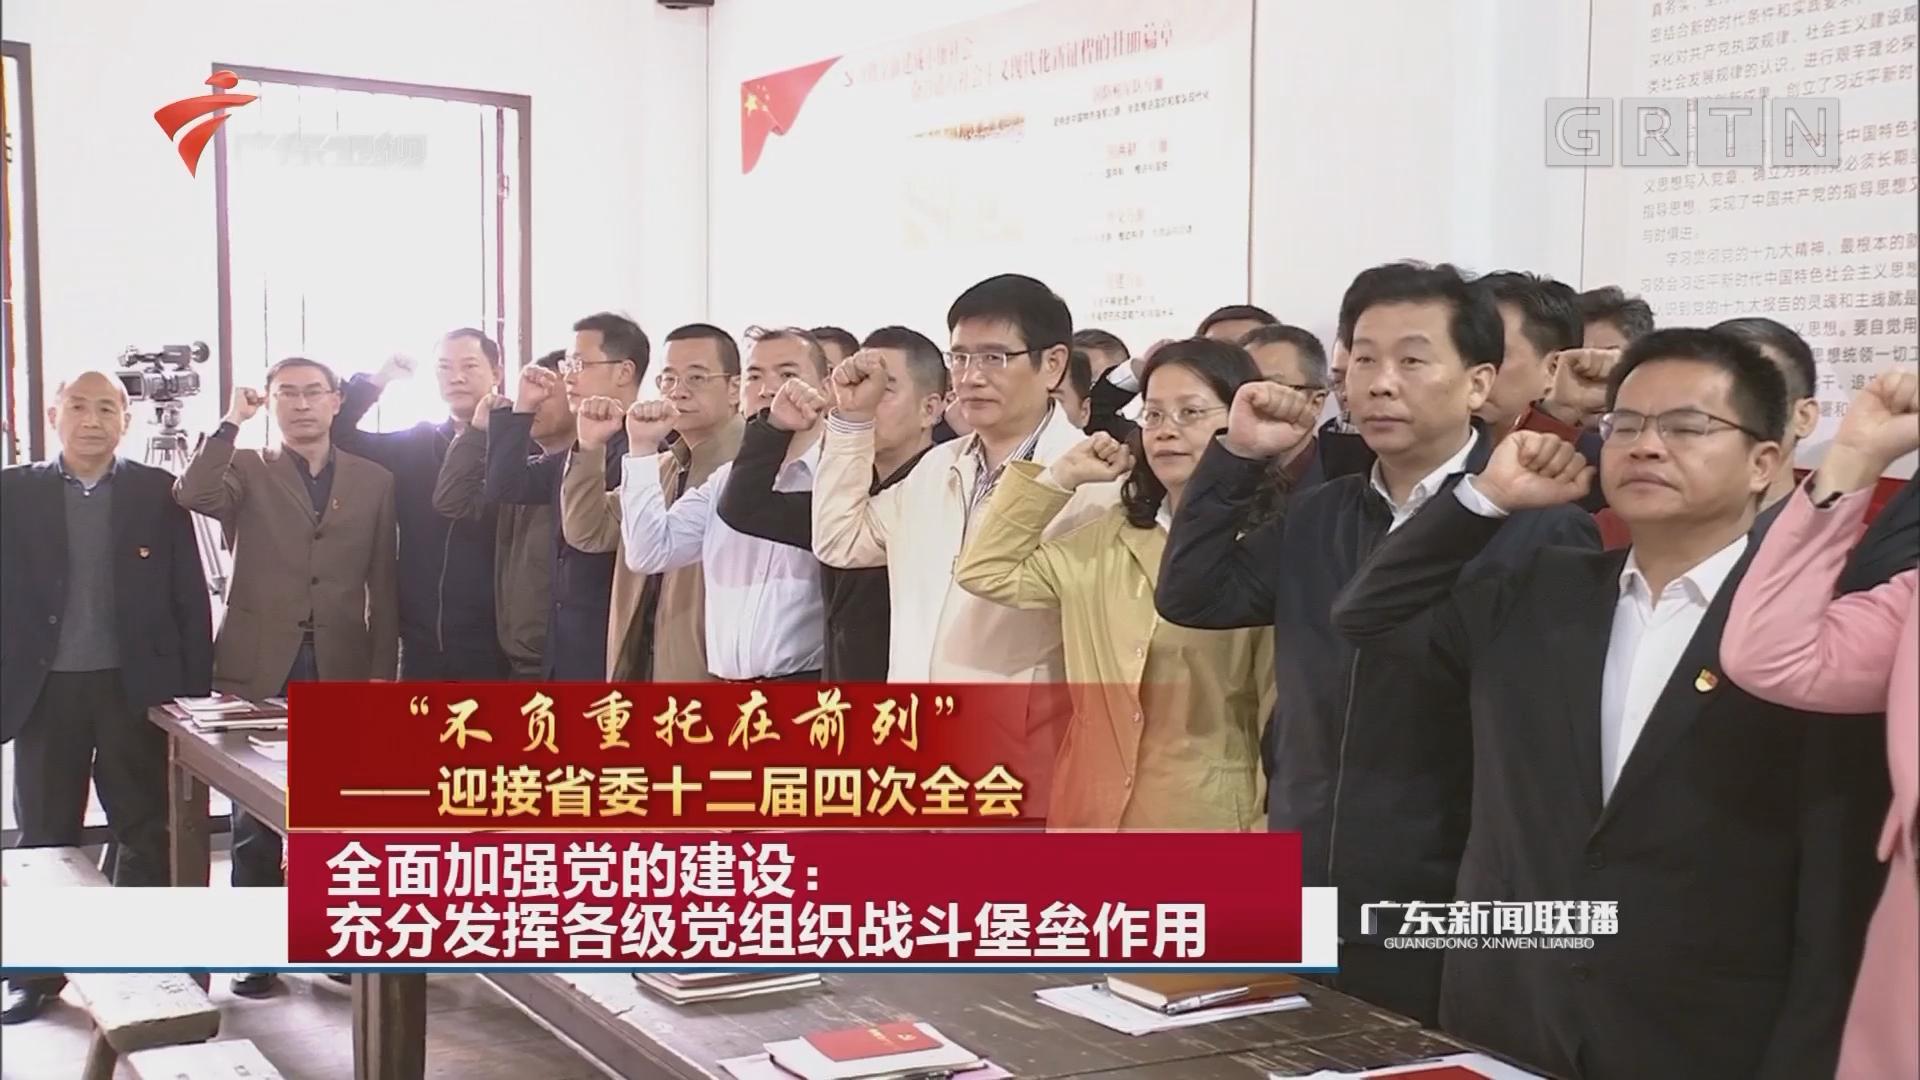 全面加强党的建设:充分发挥各级党组织战斗堡垒作用